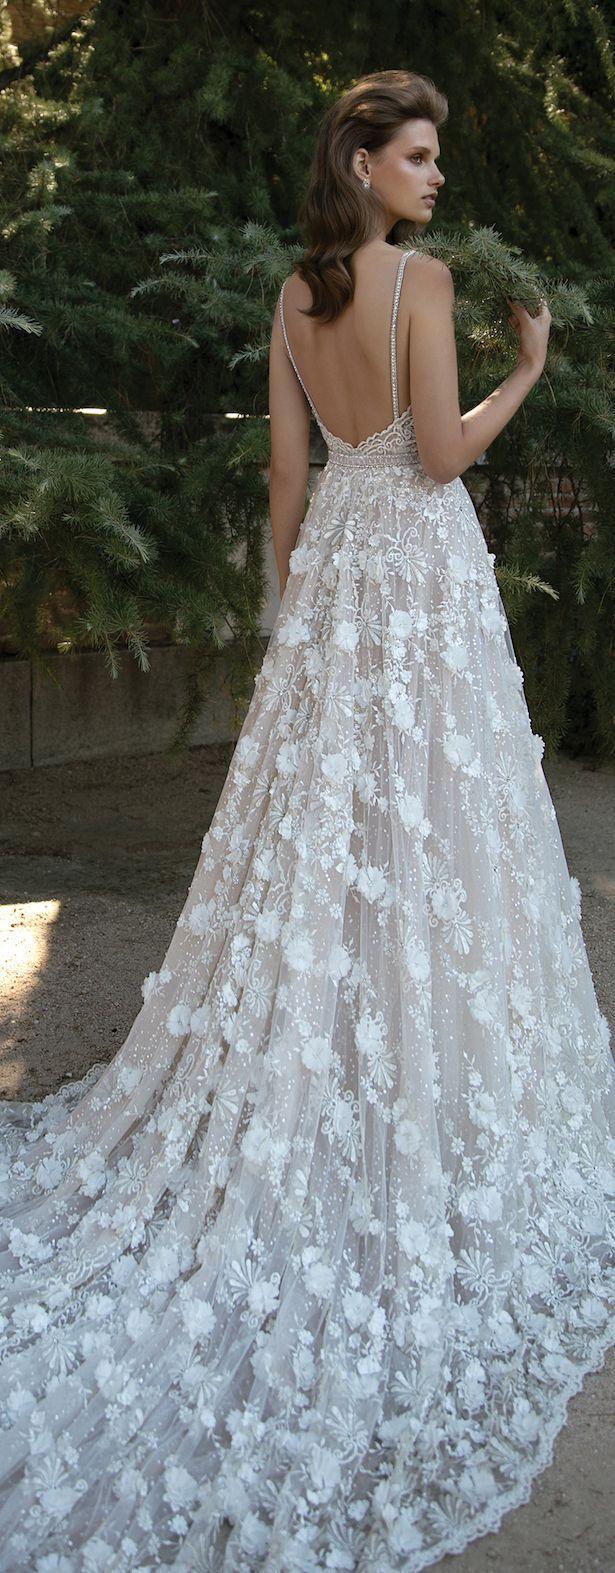 Best 20 Monique lhuillier bridal ideas on Pinterest Bridal